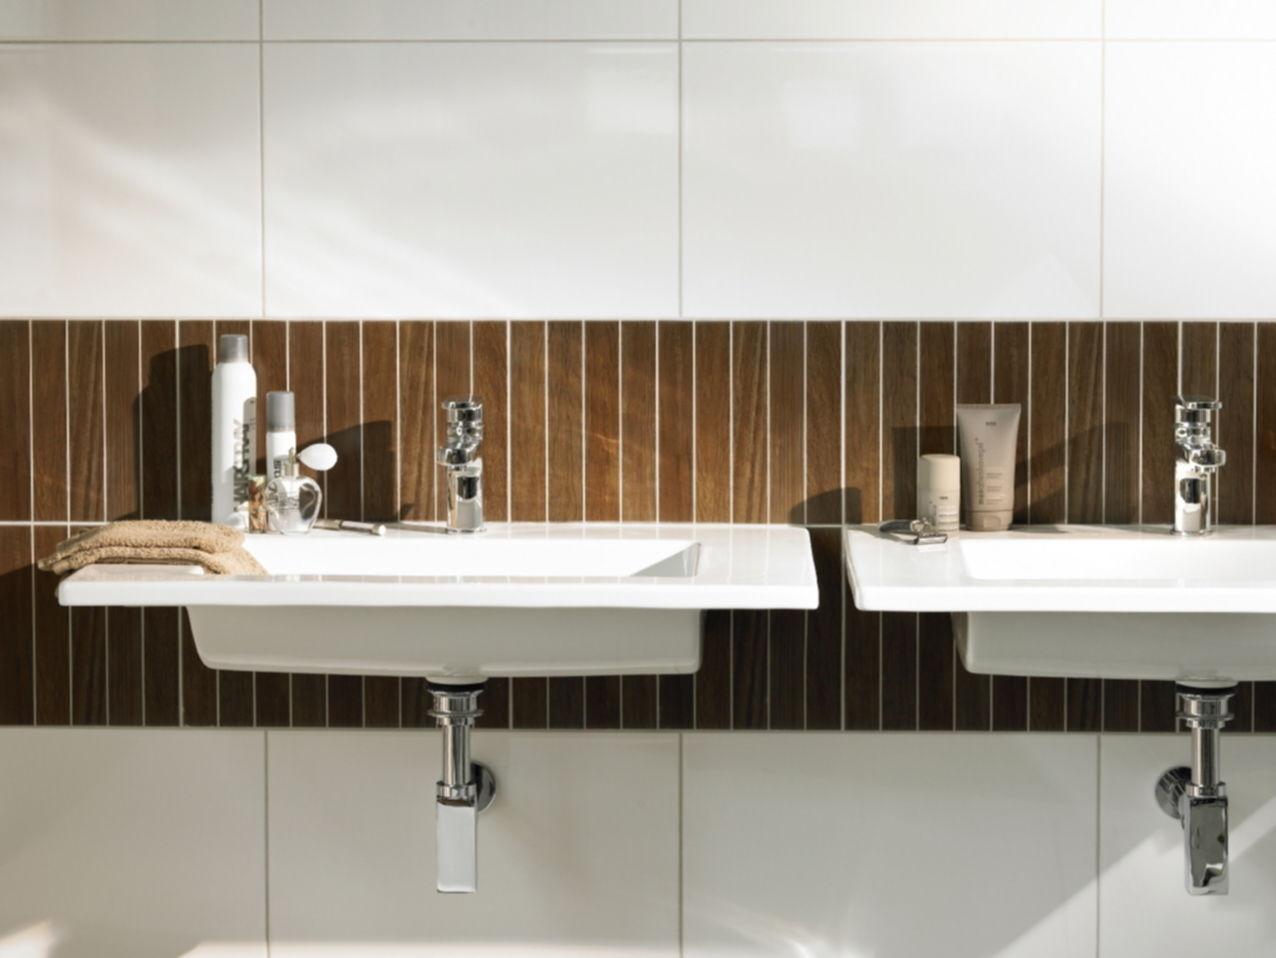 De evolutie van de badkamer trends van 1950 tot nu praxis blog - Badkamer trends ...